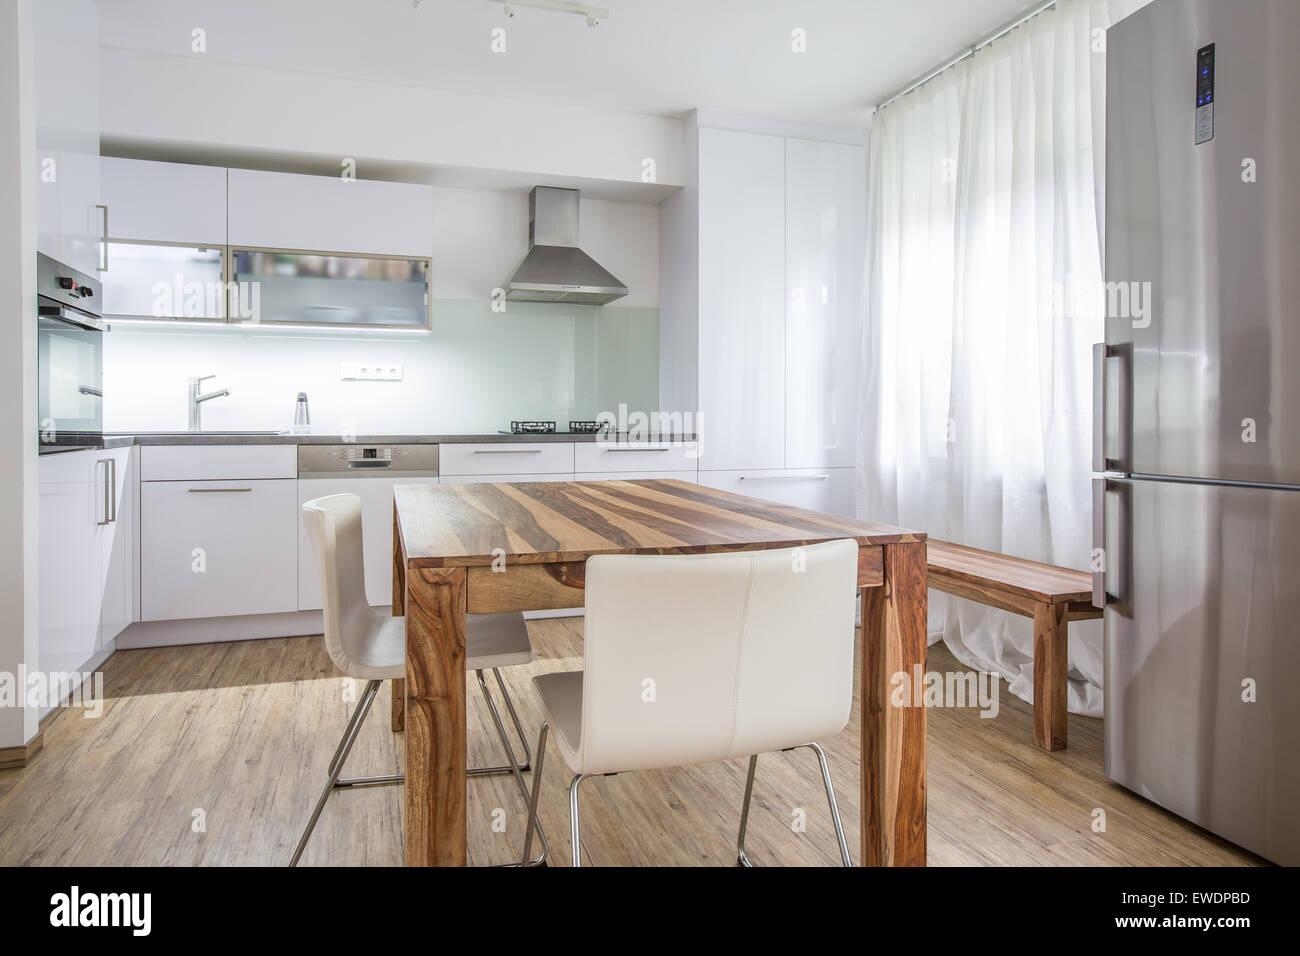 Moderne Küche Innenarchitektur Architektur Stock Bild, Foto von ...